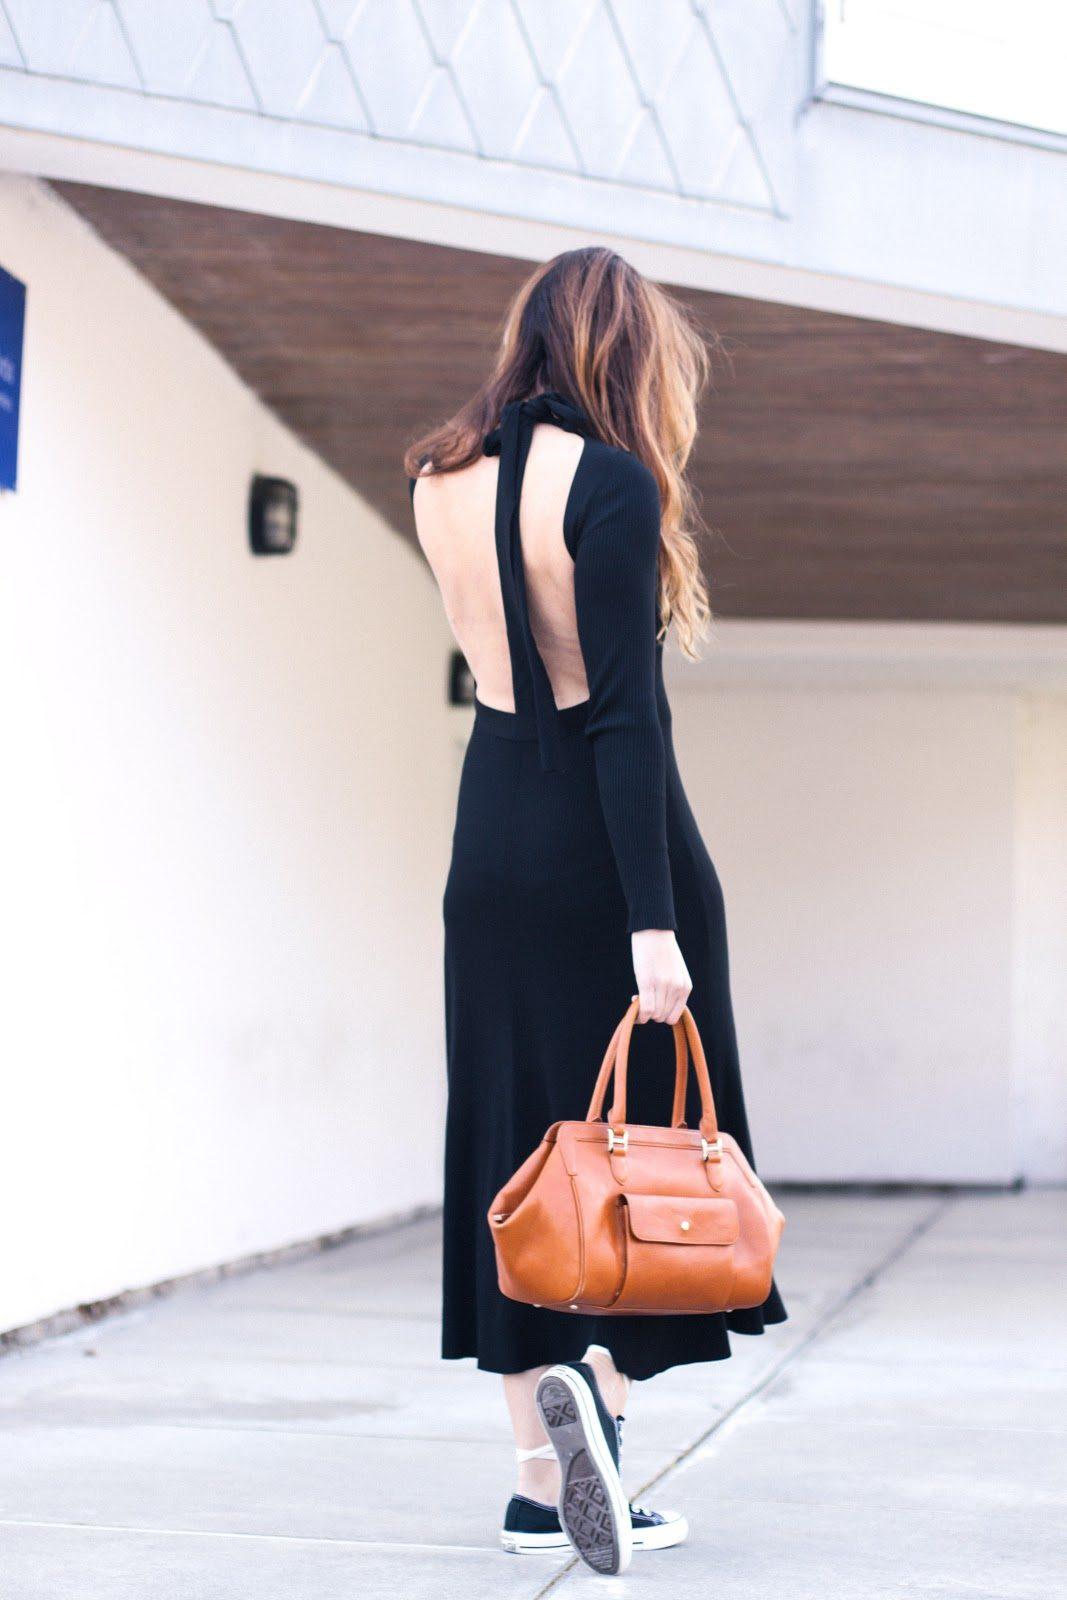 vestido negro escote espalda y doctor bag